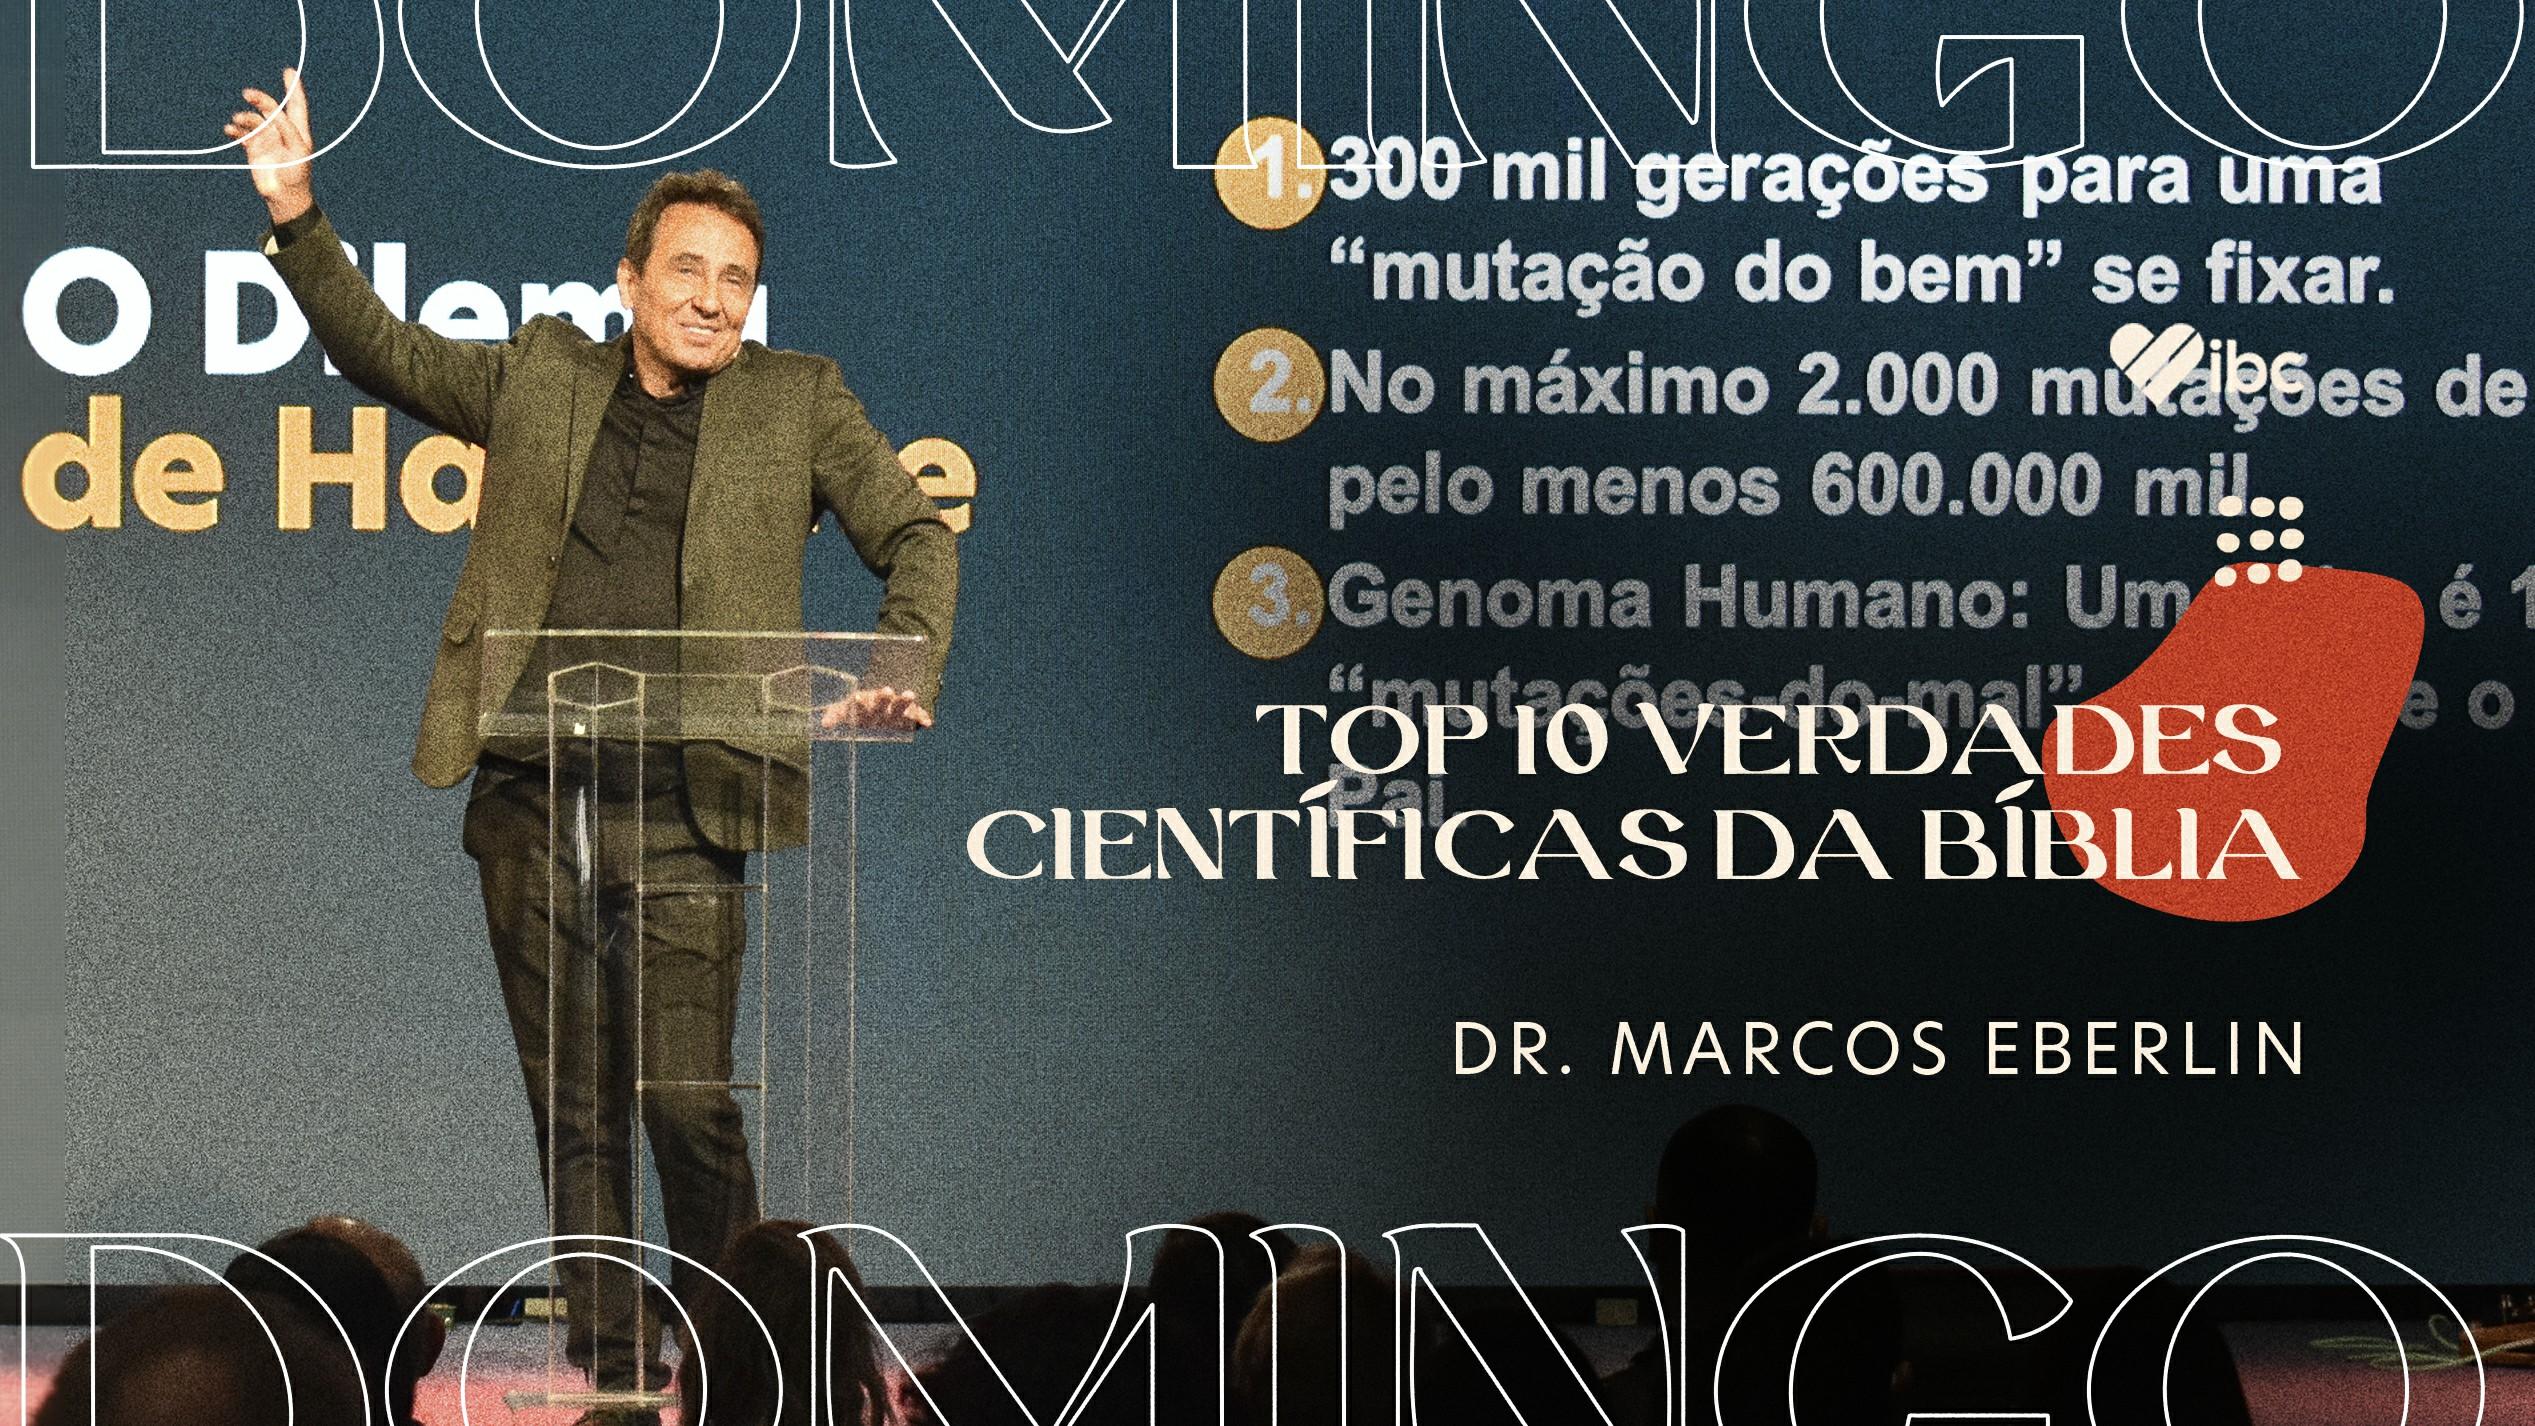 Top 10 verdades científicas da Bíblia